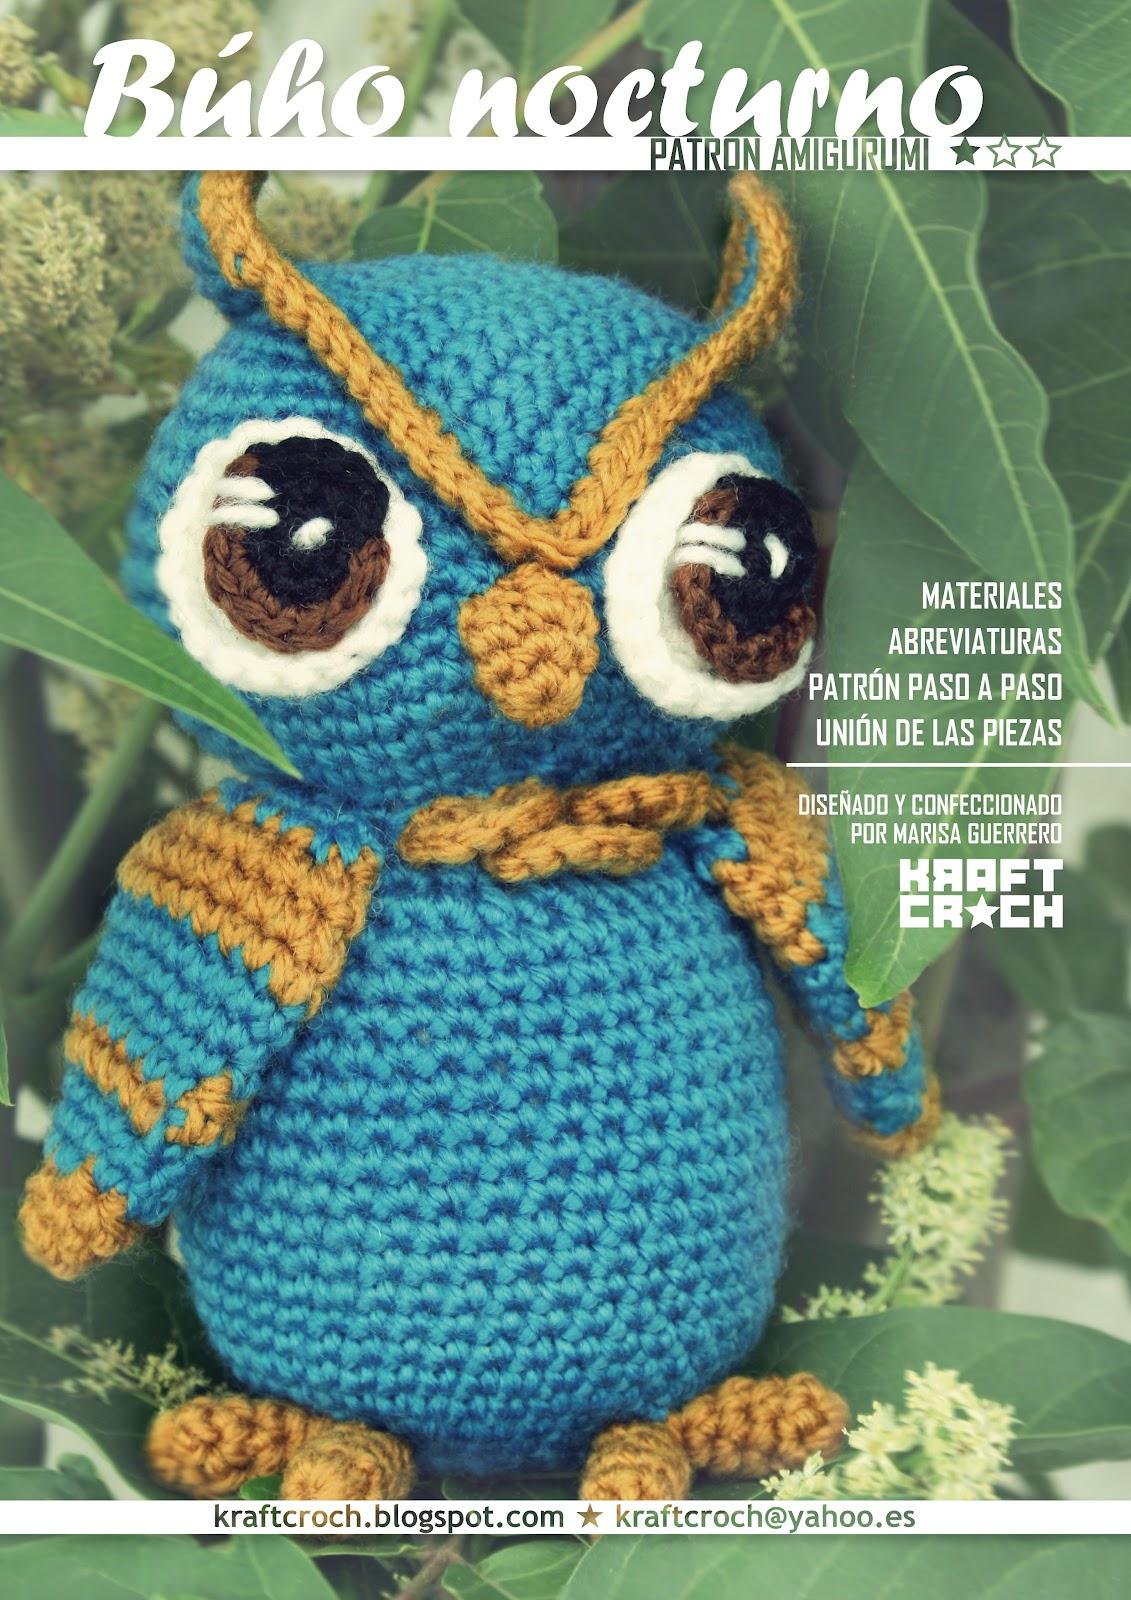 kraftcroch: patrón amigurumi búho nocturno / nocturnal owl amigurumi ...